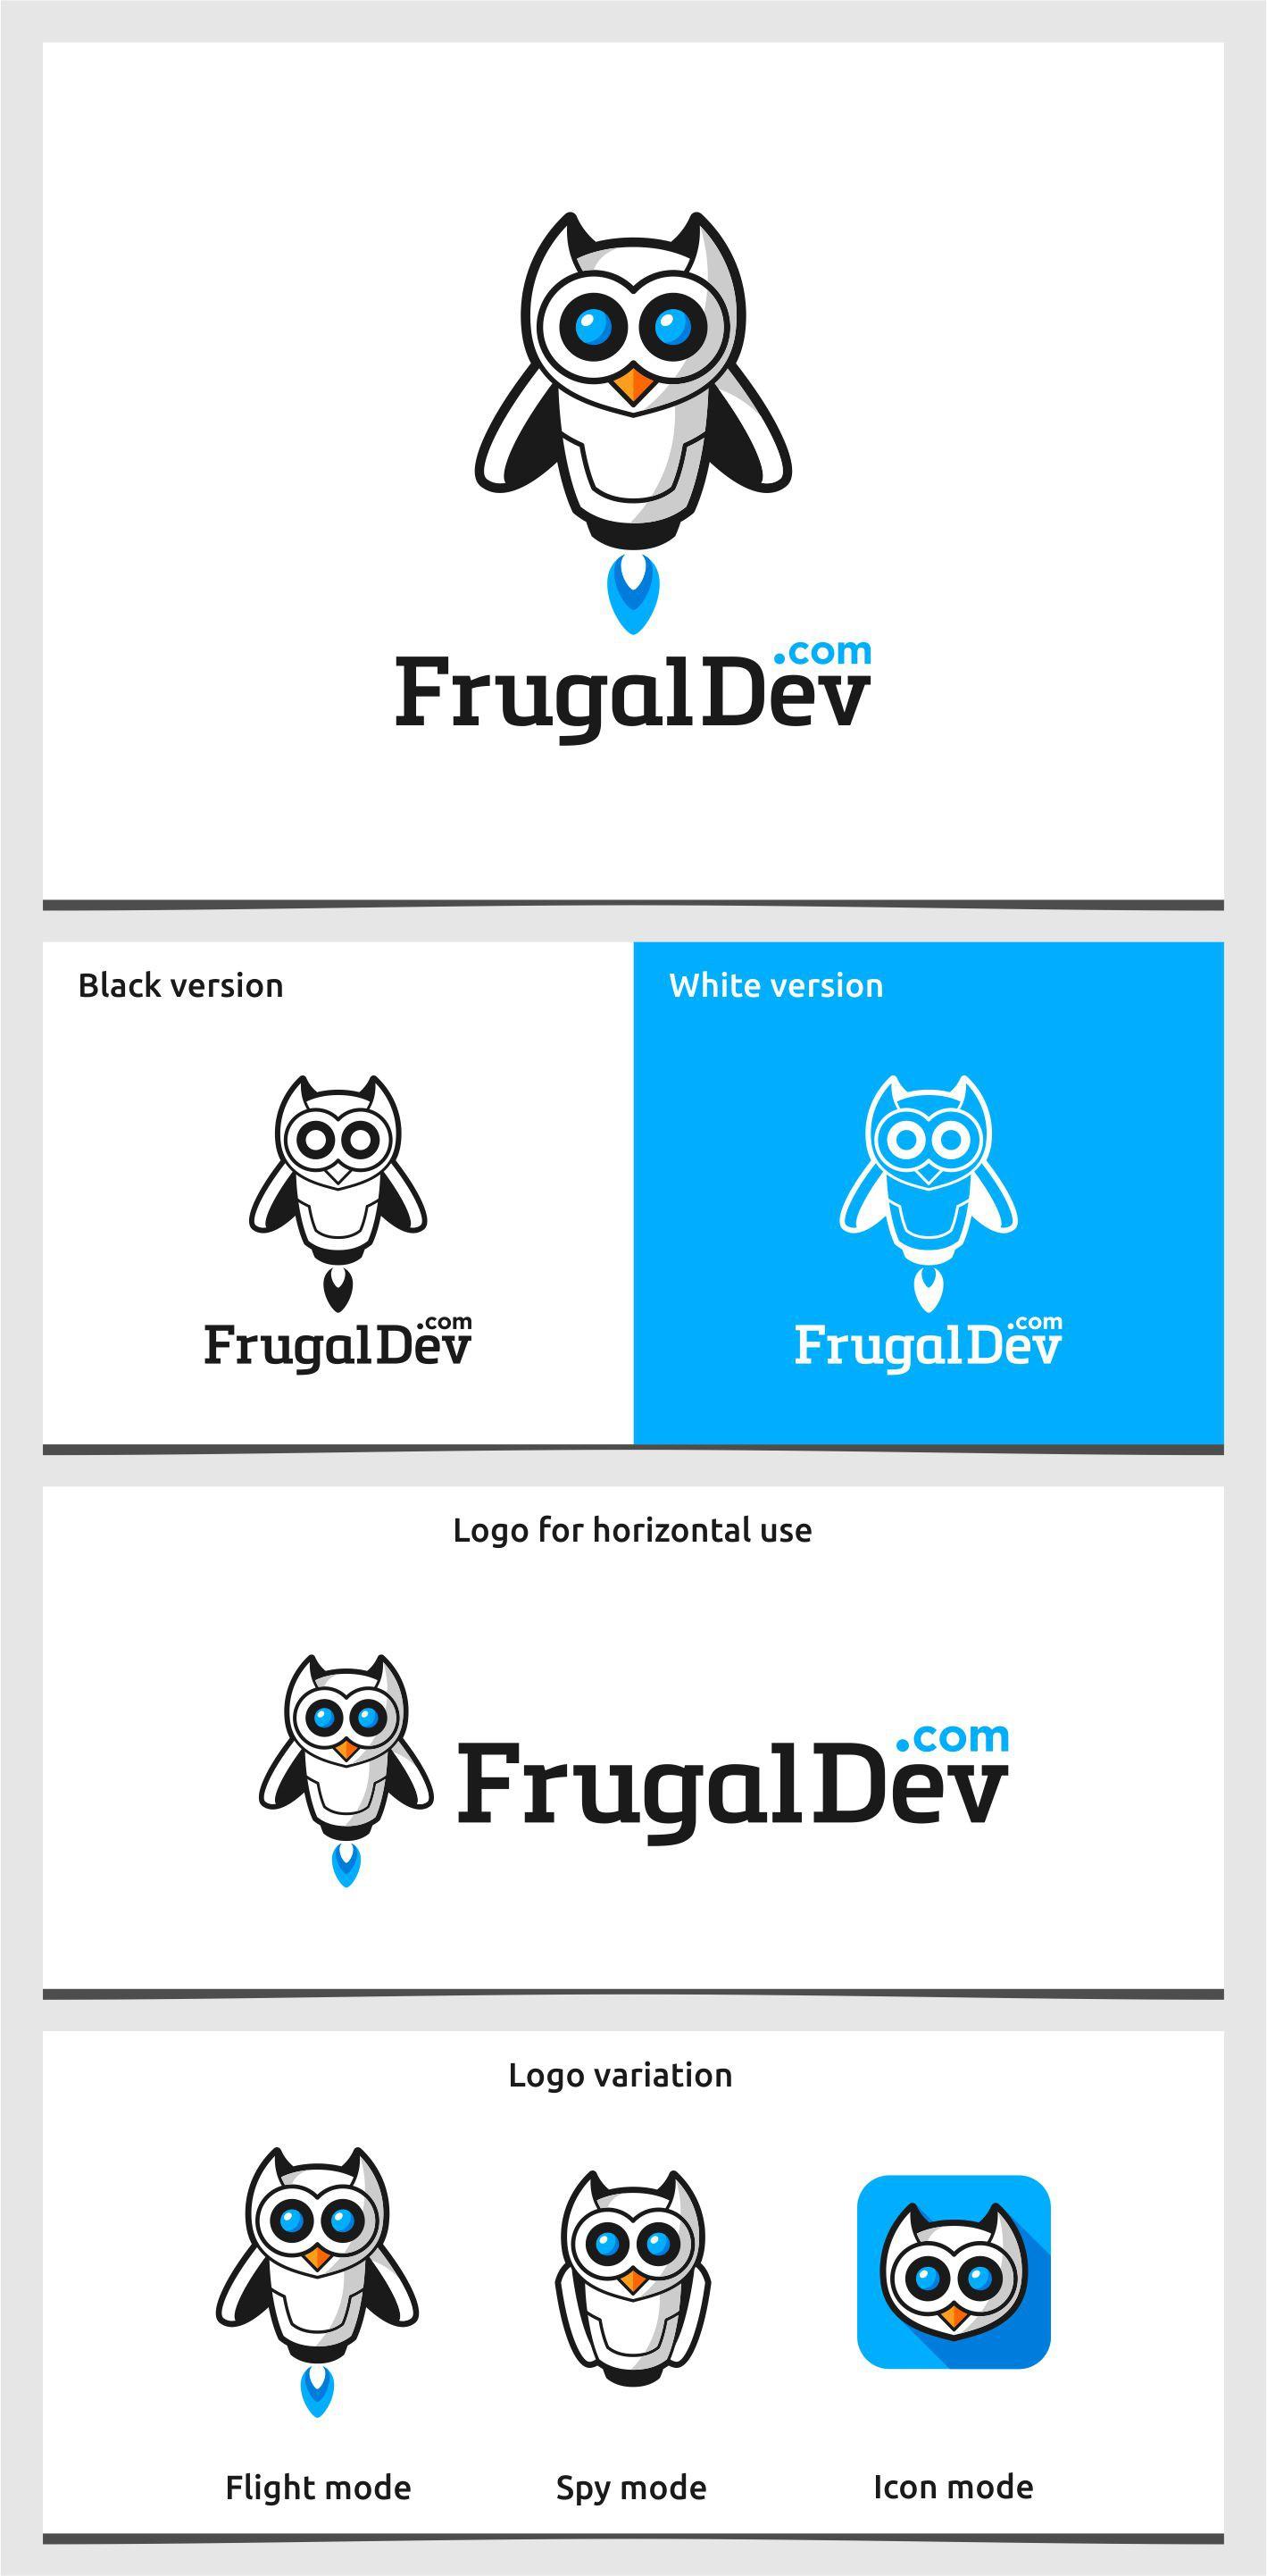 Design a character based logo for FrugalDev.com